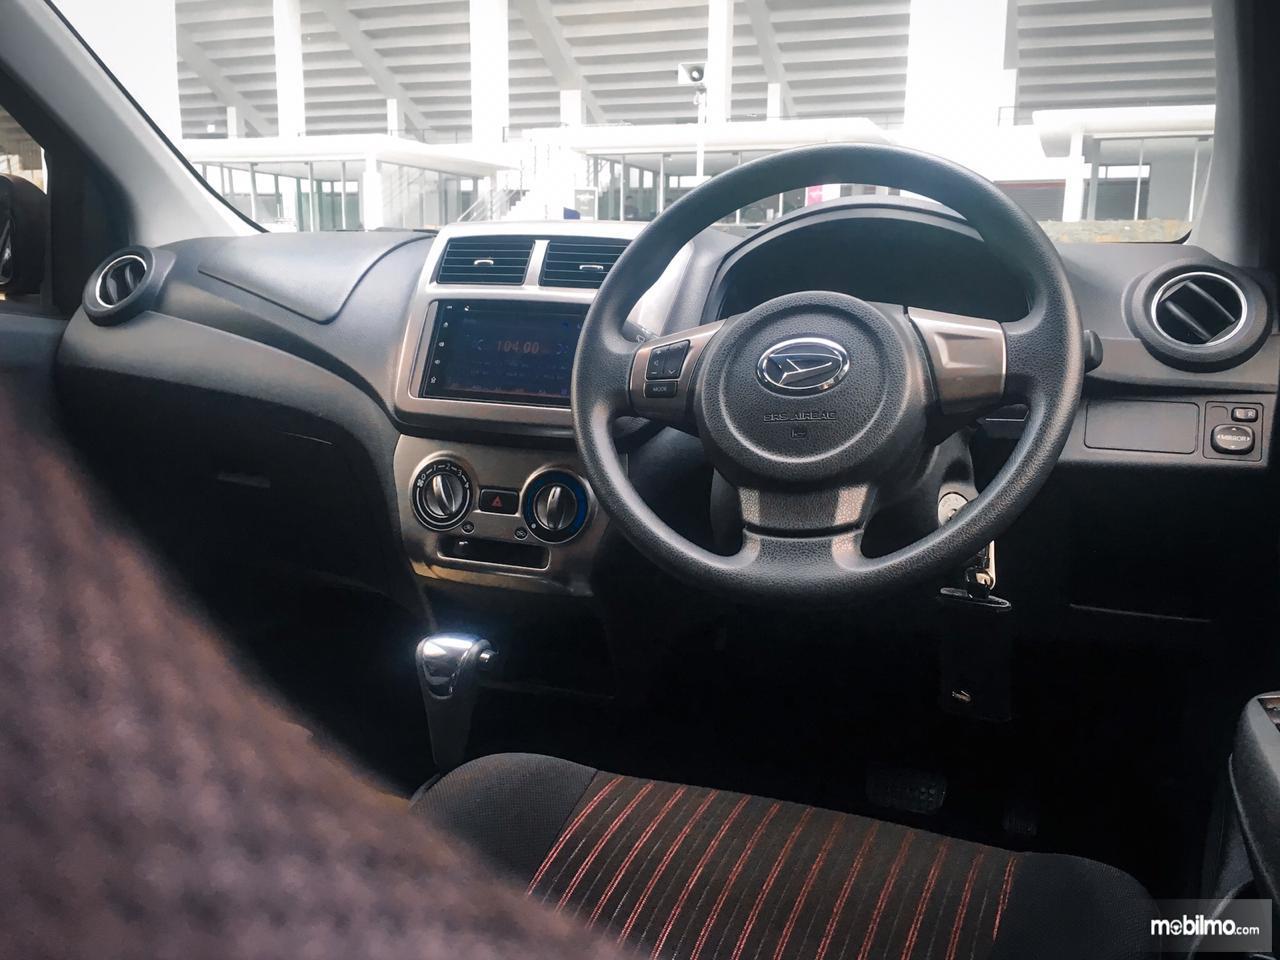 kemudi Daihatsu 1.2 R 2018 berwarna hitam